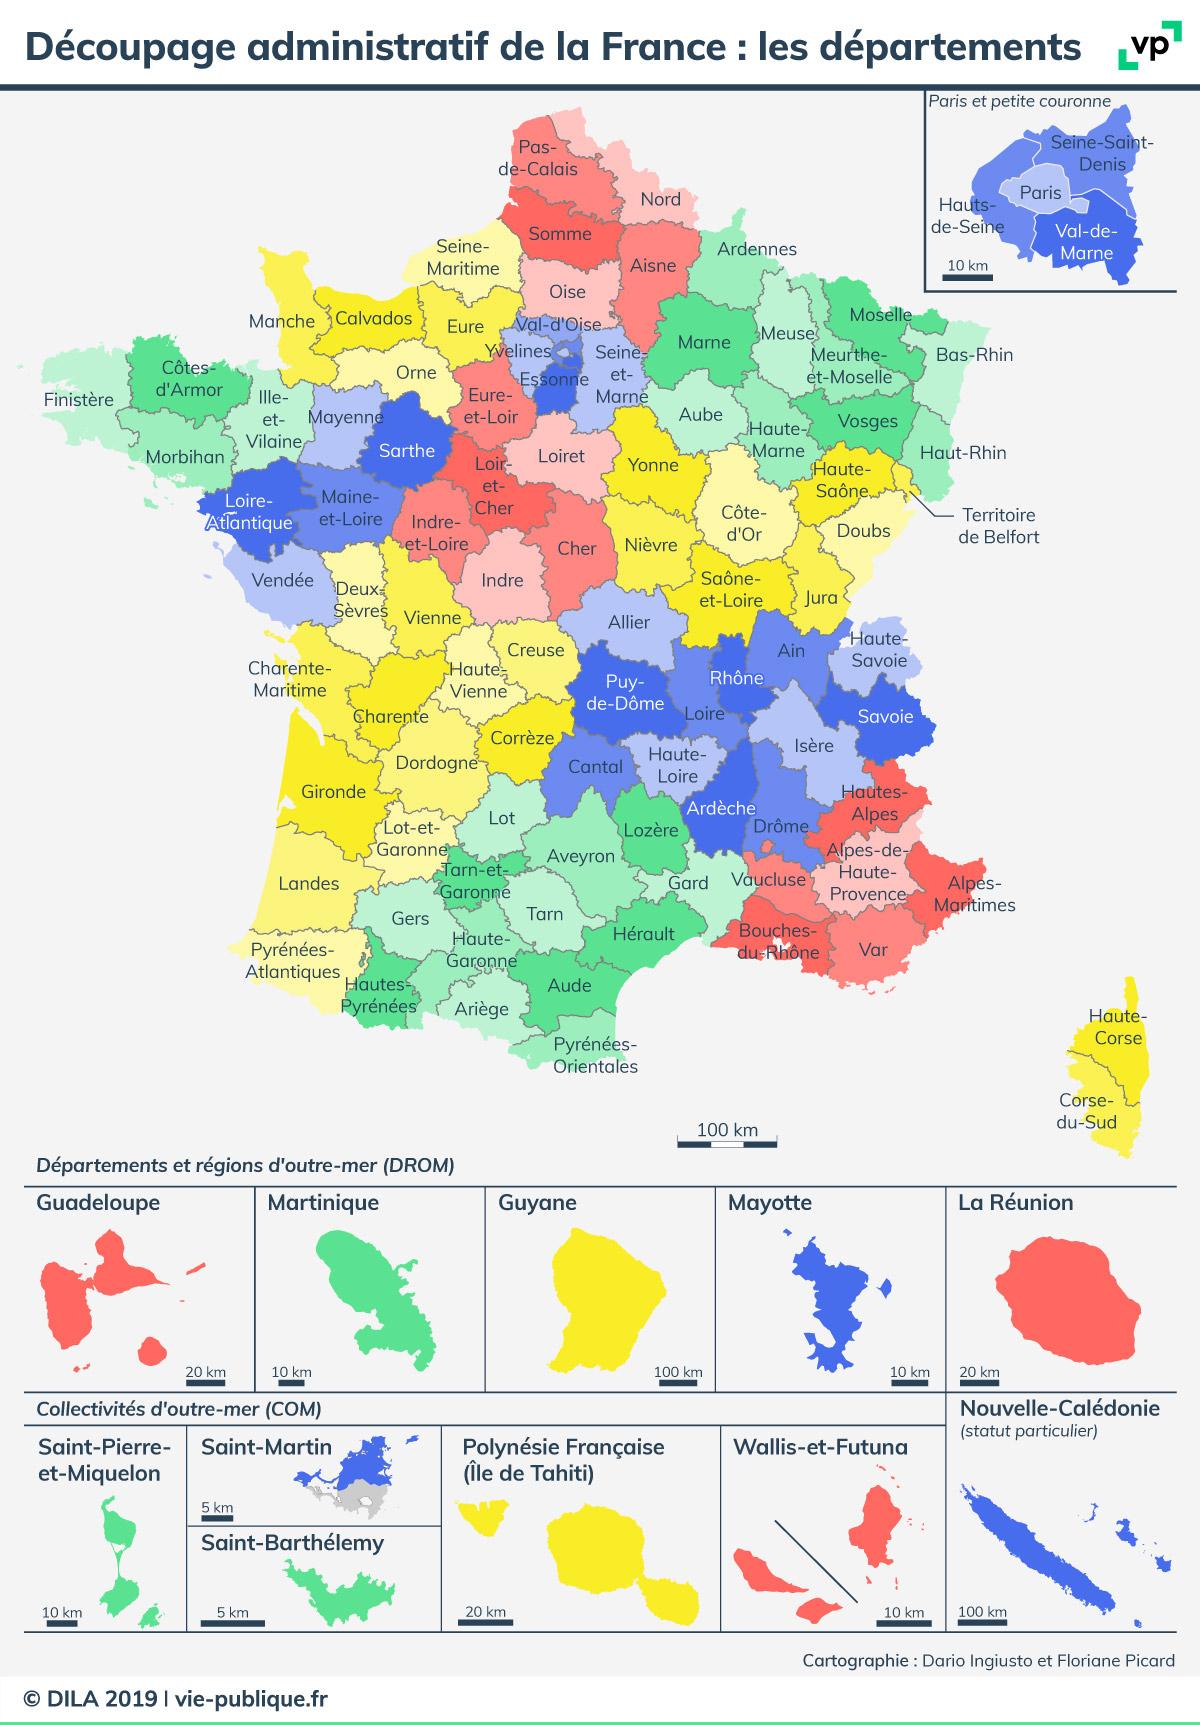 Découpage Administratif De La France : Les Départements dedans Département De La France Carte